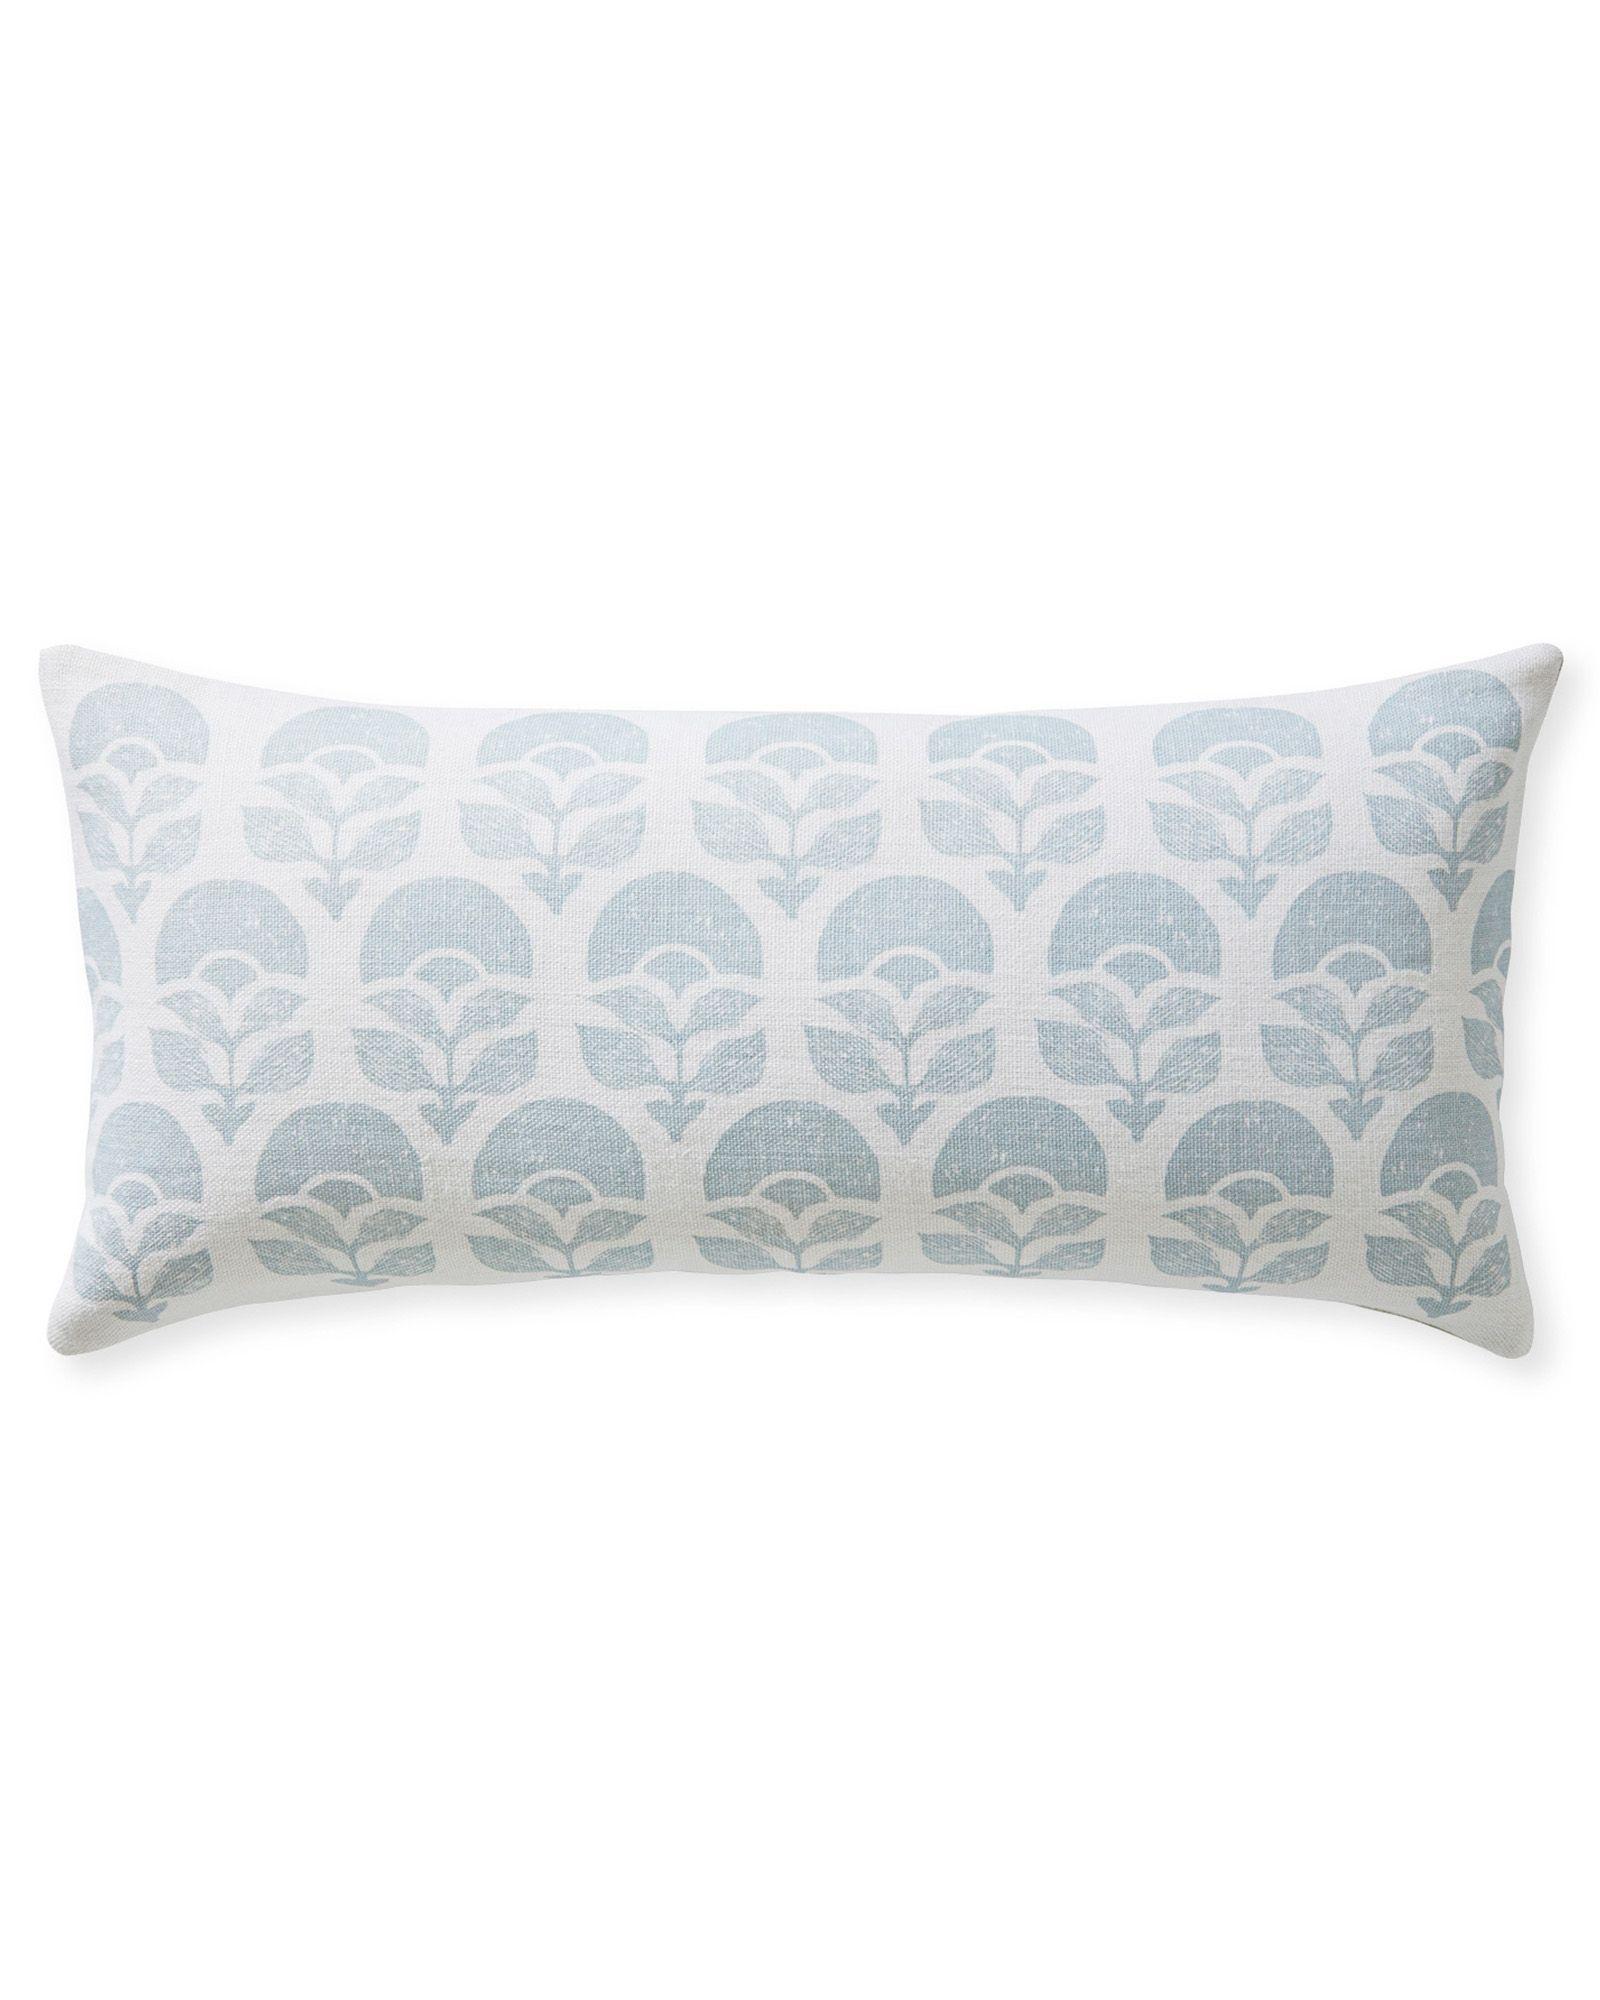 24X24 Pillow Insert Larkspur Printed Pillow Coverlarkspur Printed Pillow Cover  1588